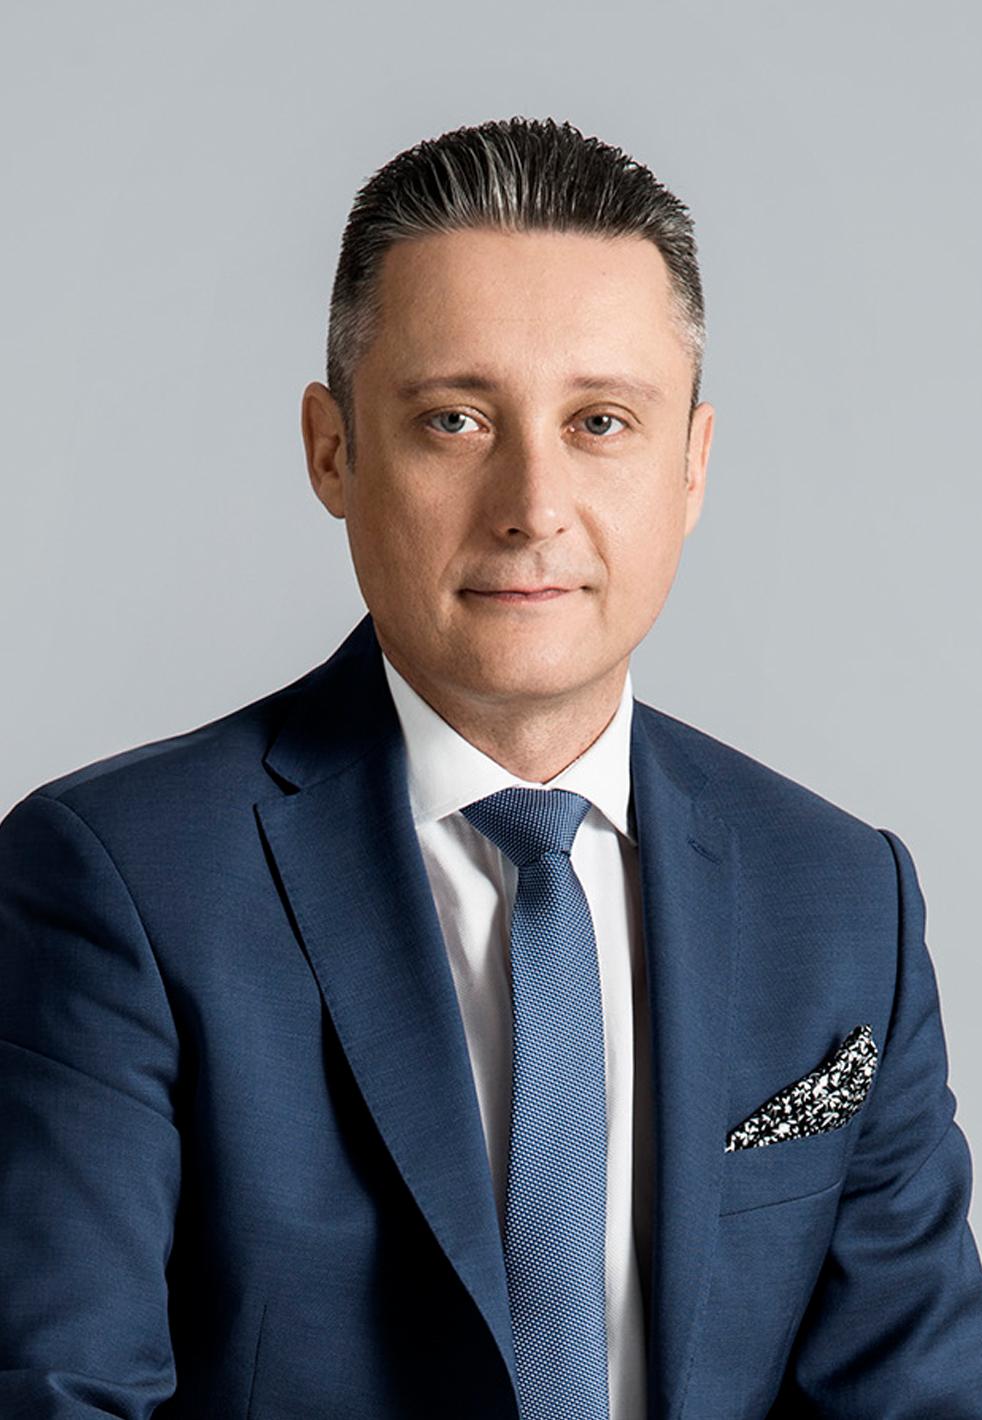 Daniel Kulaszewski